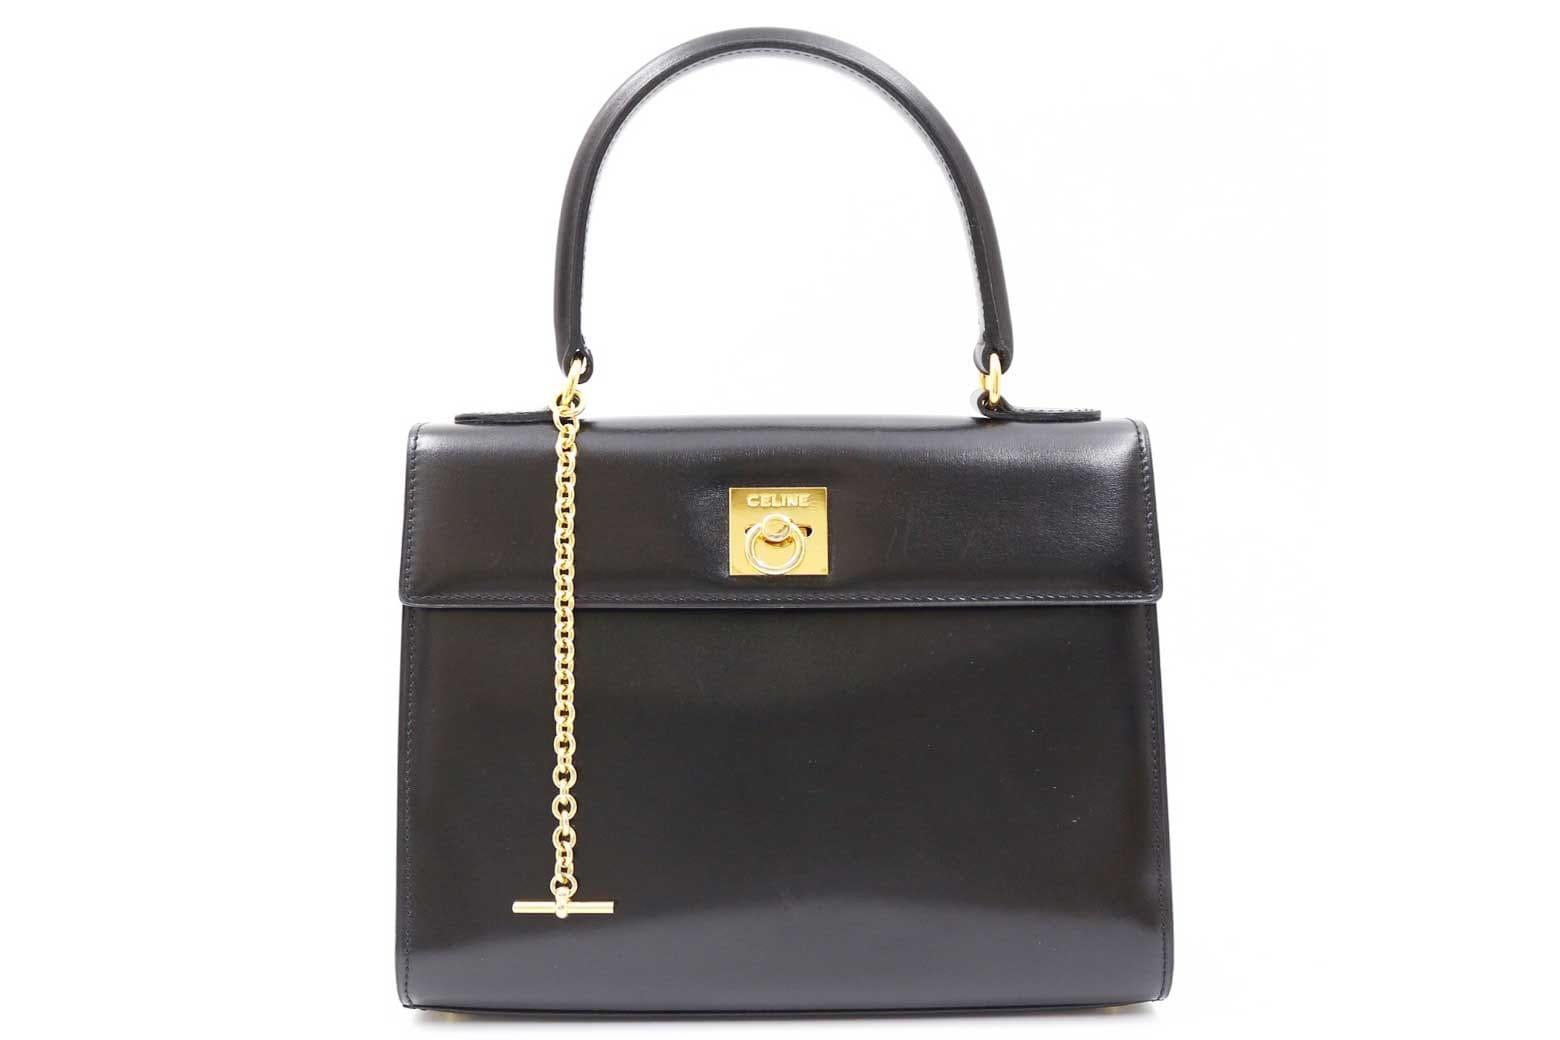 celine_handbag_1